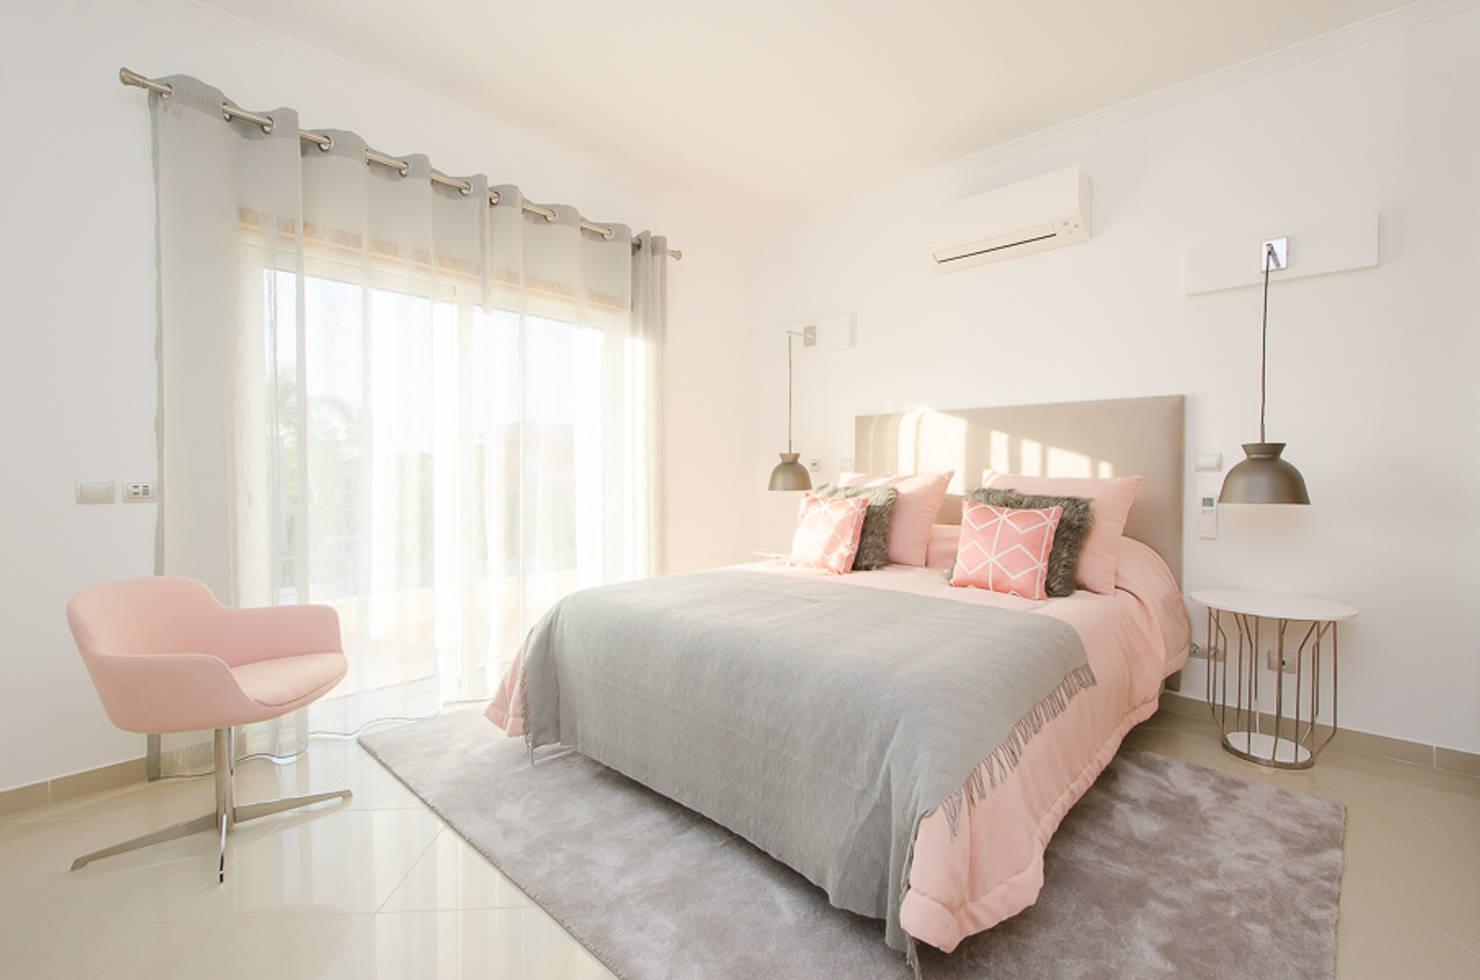 Mit diesen 10 Tipps wirkt dein Schlafzimmer modern und cool